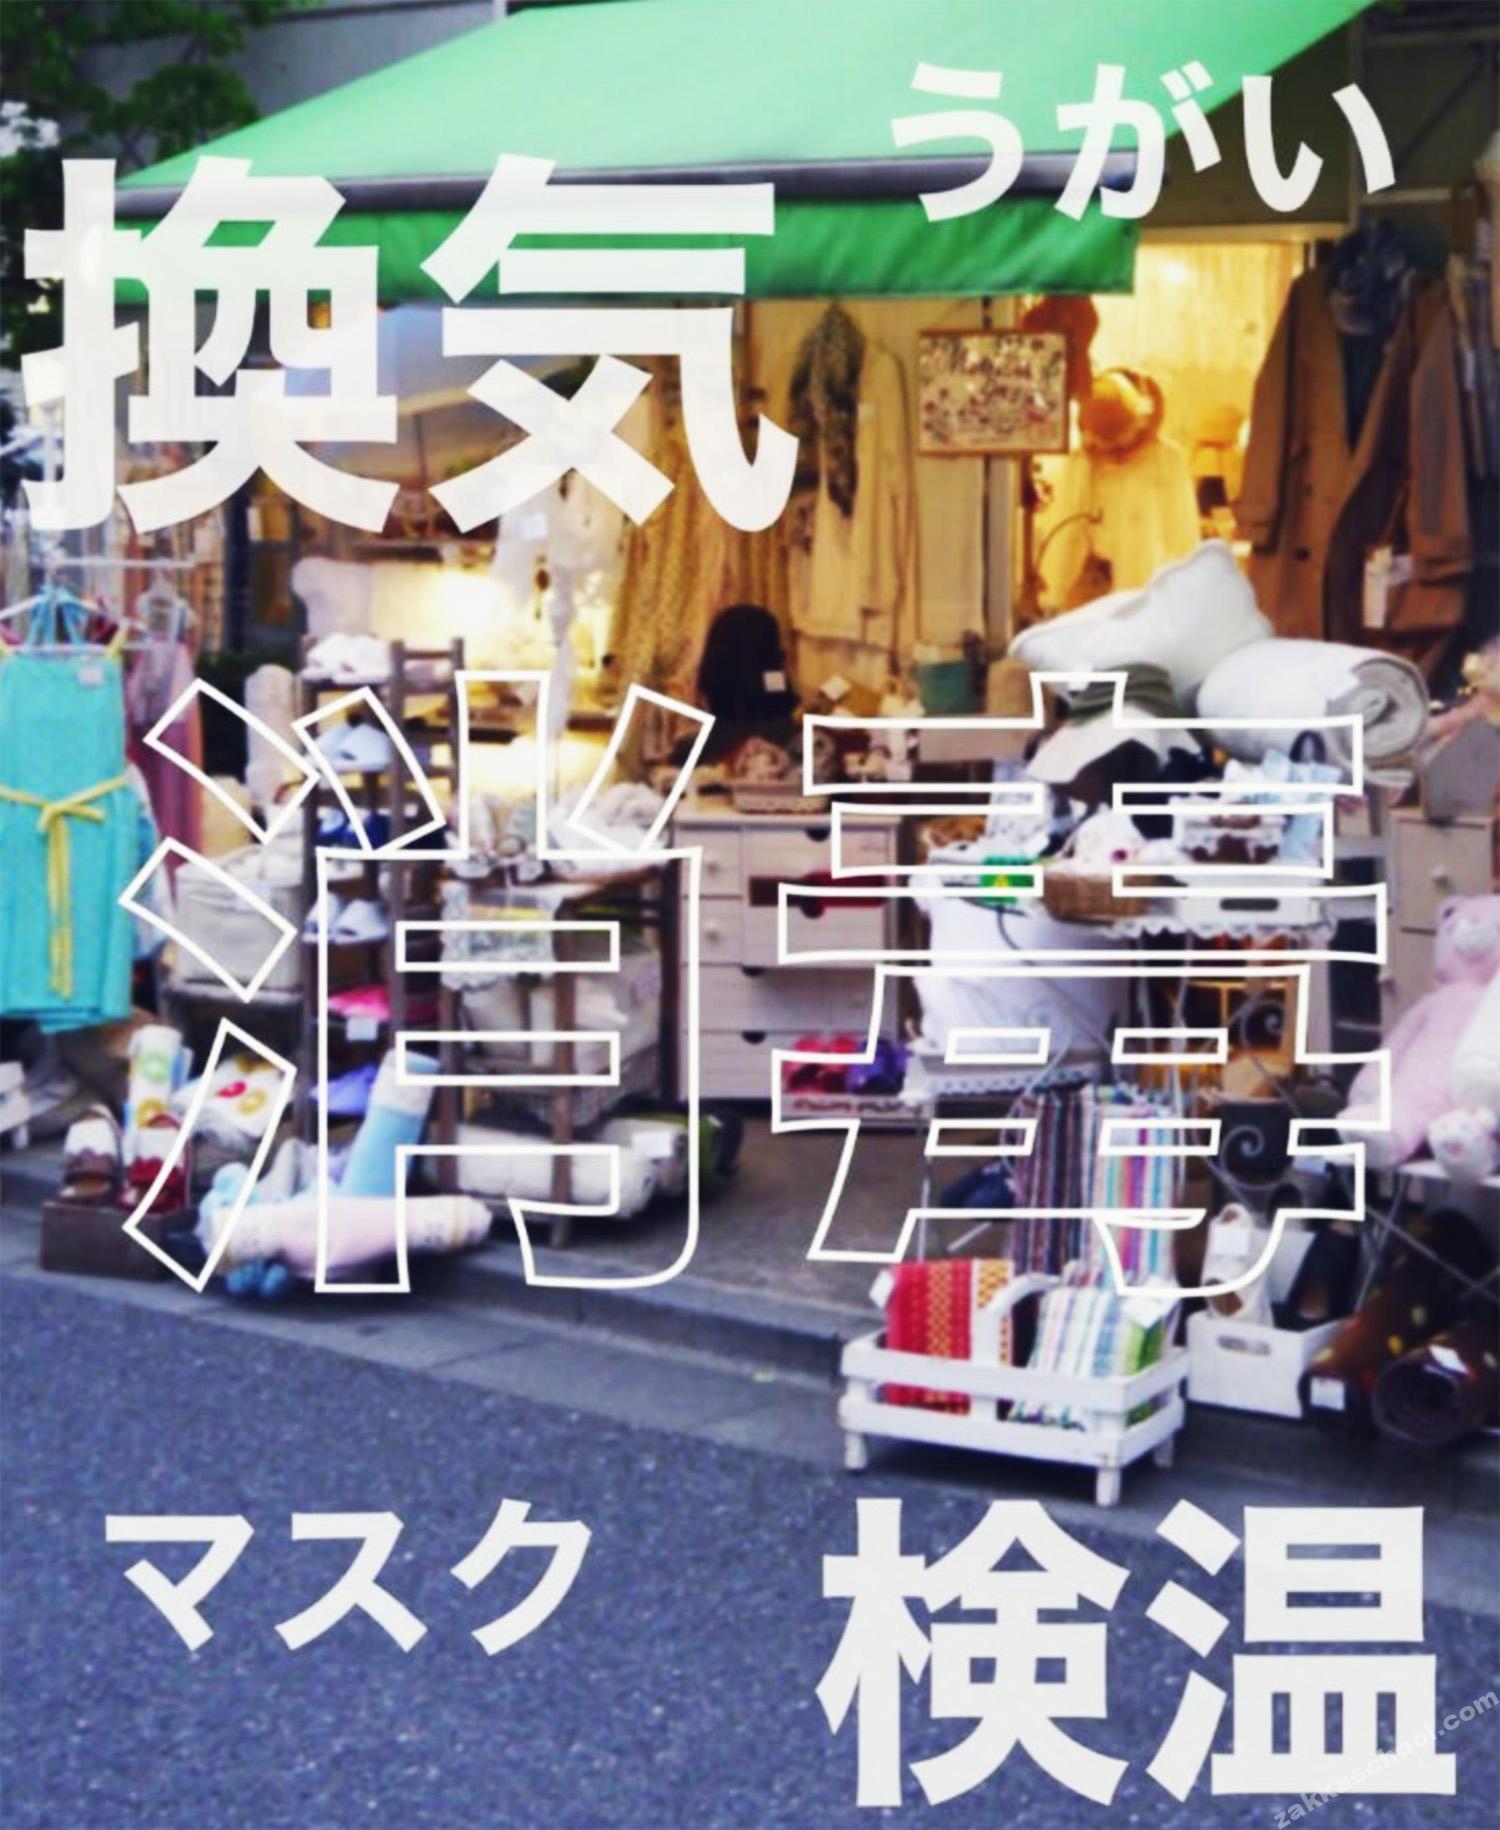 雑貨屋さんの衛生管理